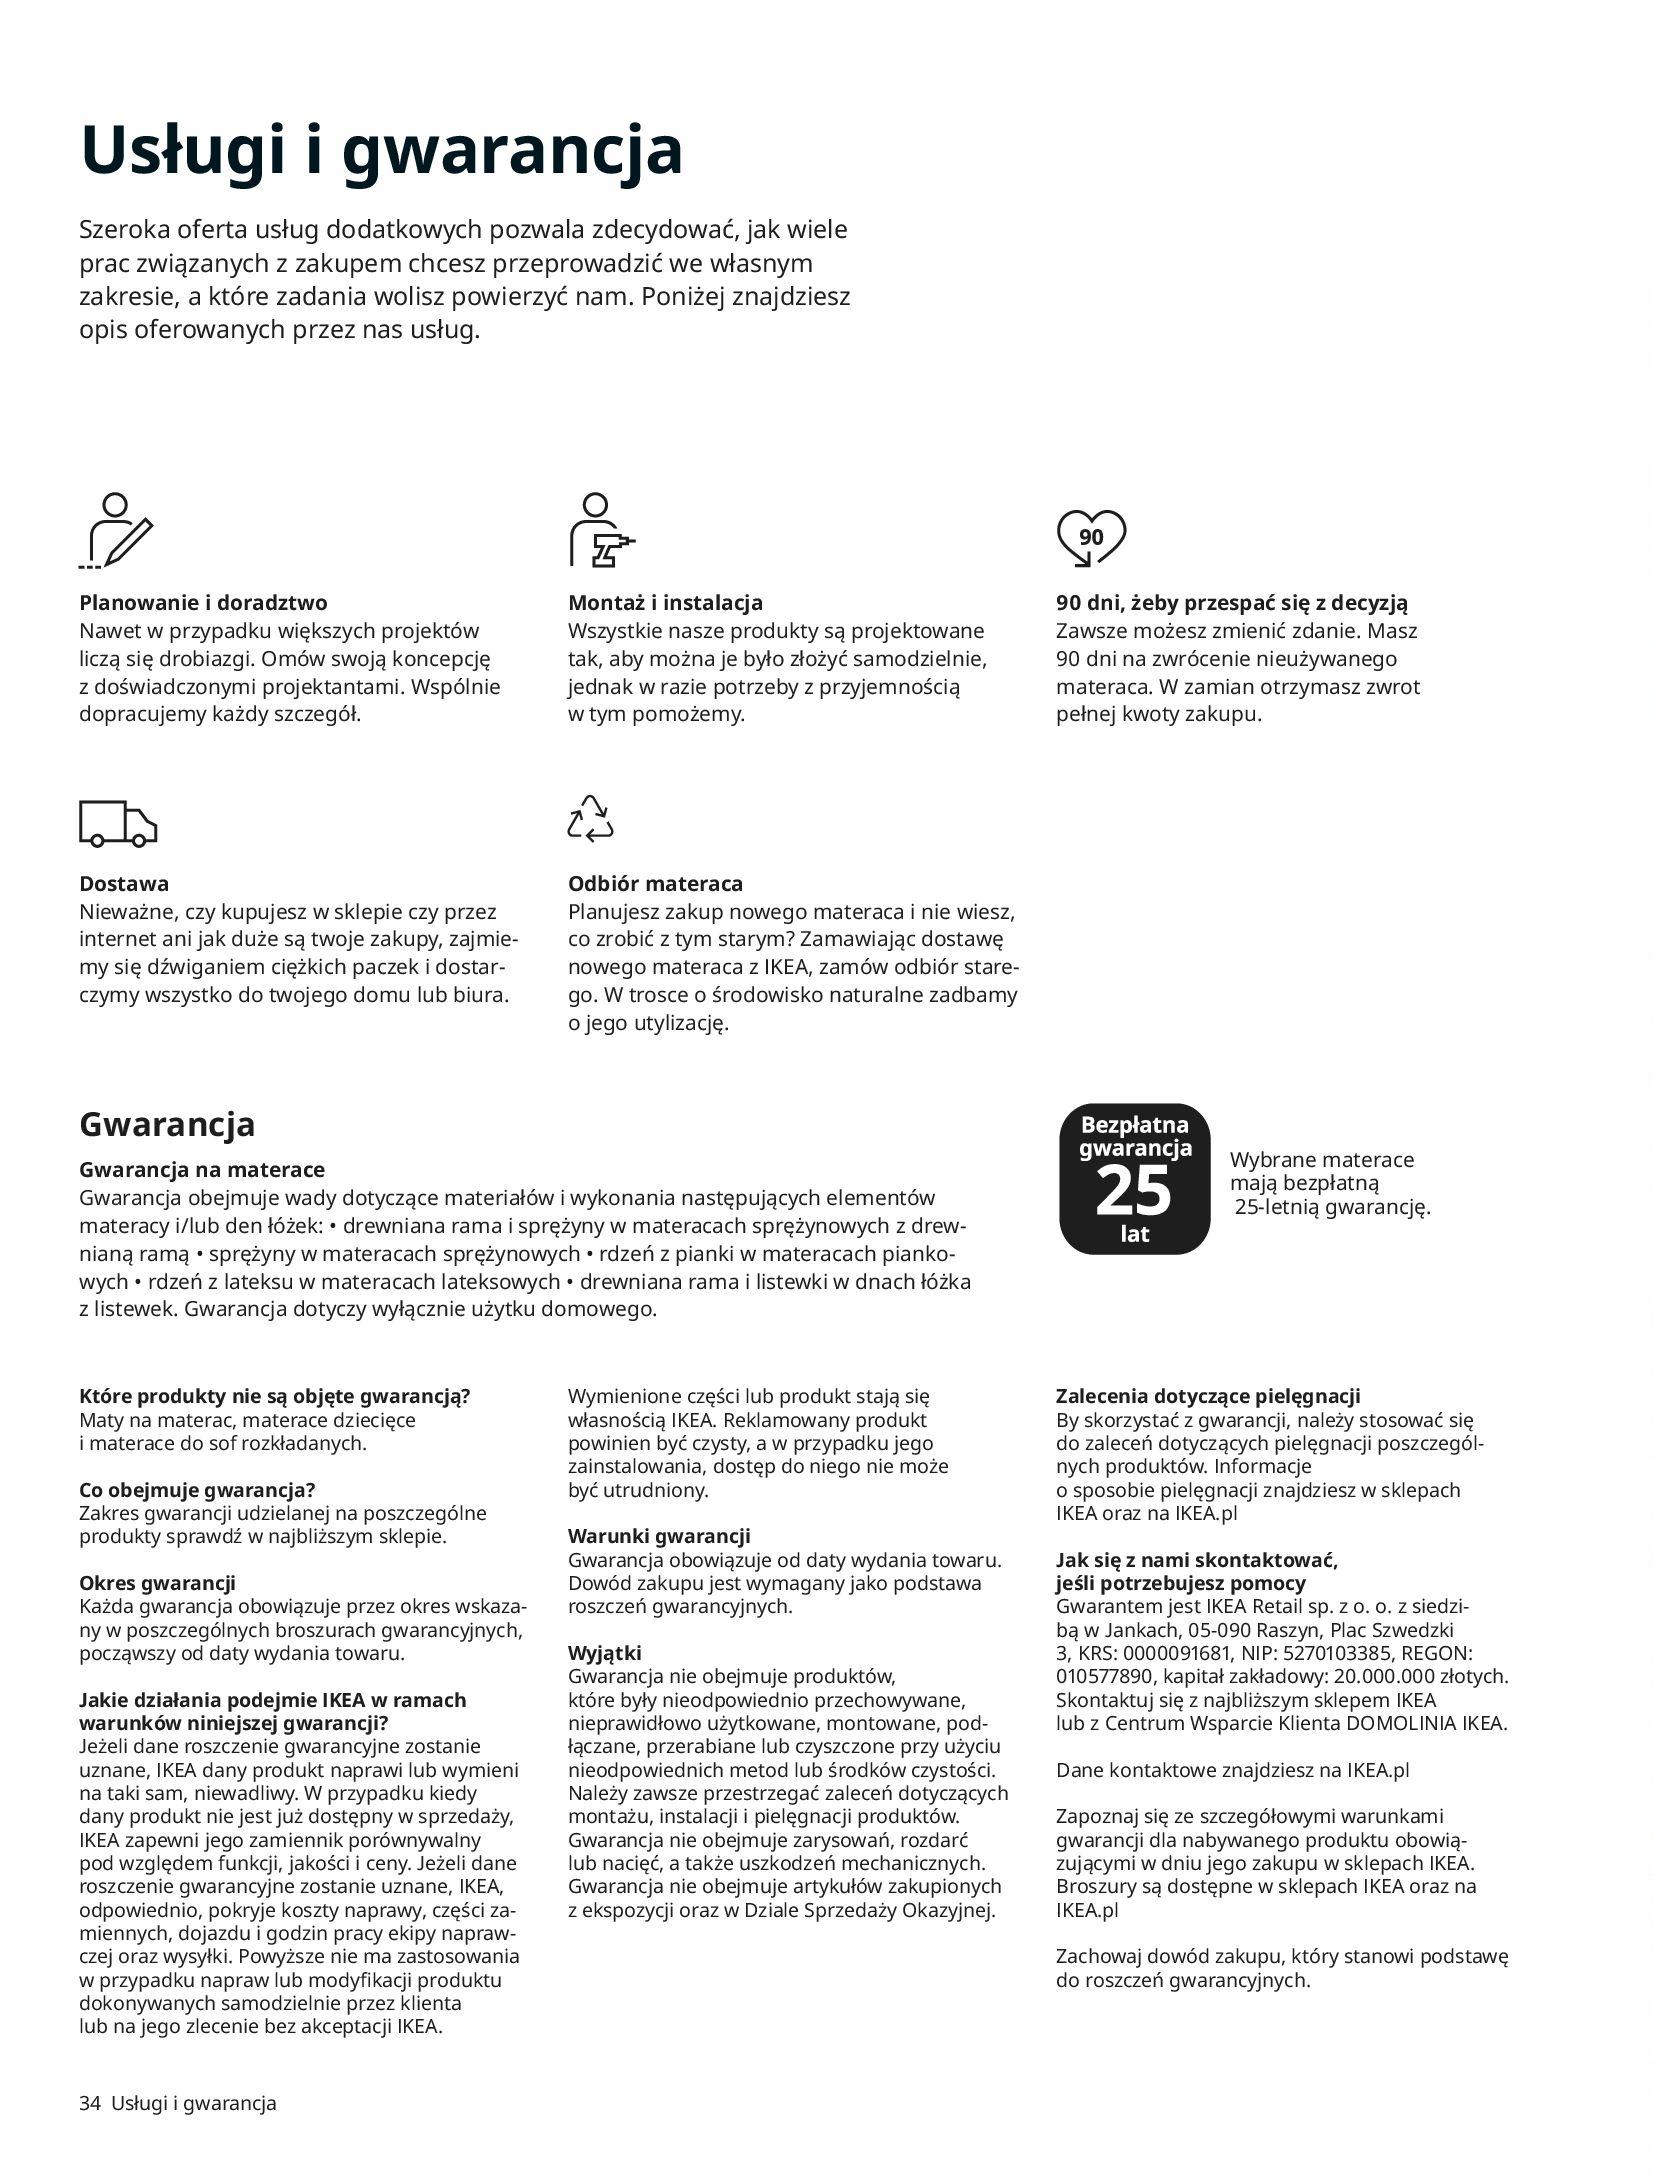 Gazetka IKEA: SYPIALNIA 2021 2021-01-13 page-34